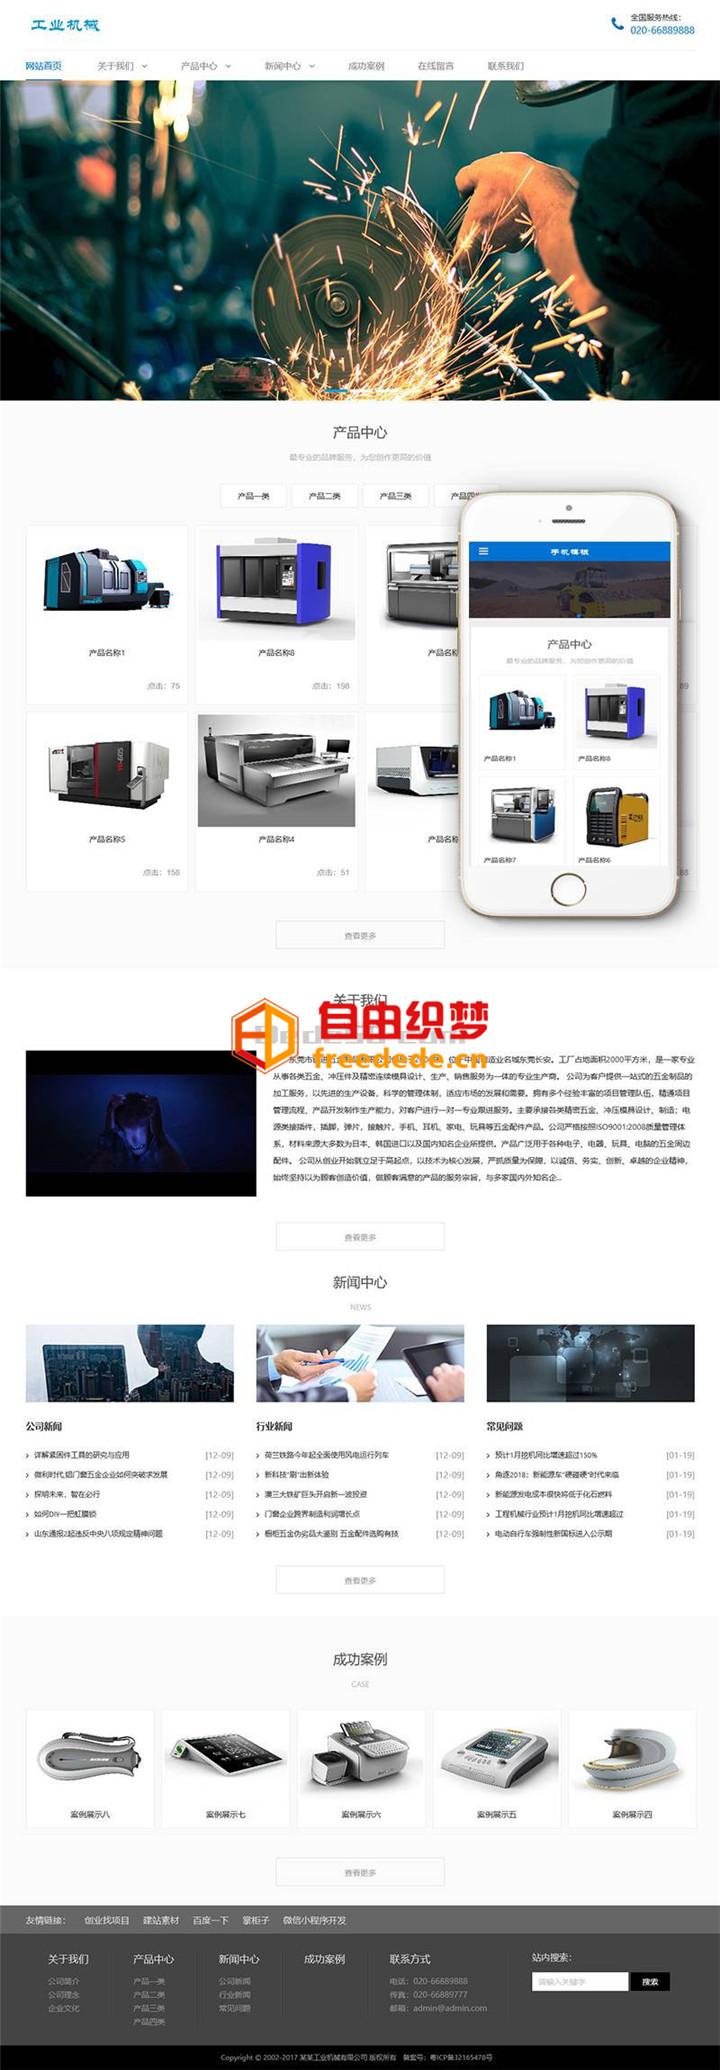 爱上源码网文章营销型工业机械产品通用类织梦模板(带手机端) 整站源码下载的内容插图